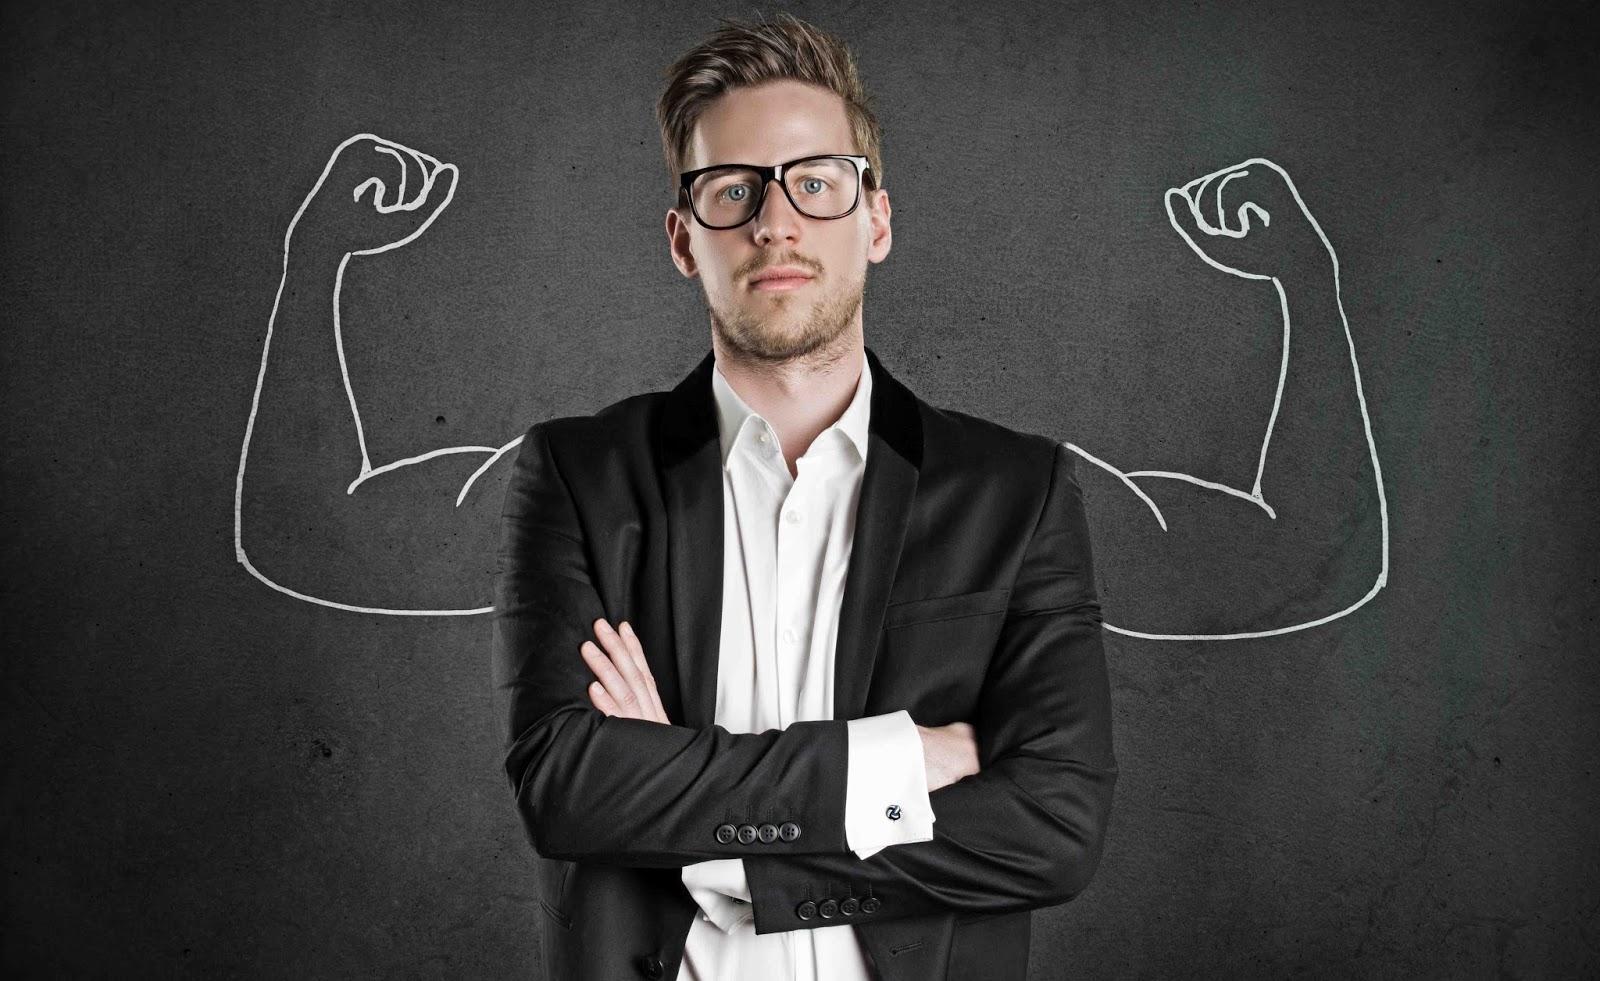 caracteristicas-emprendedores-exitosos